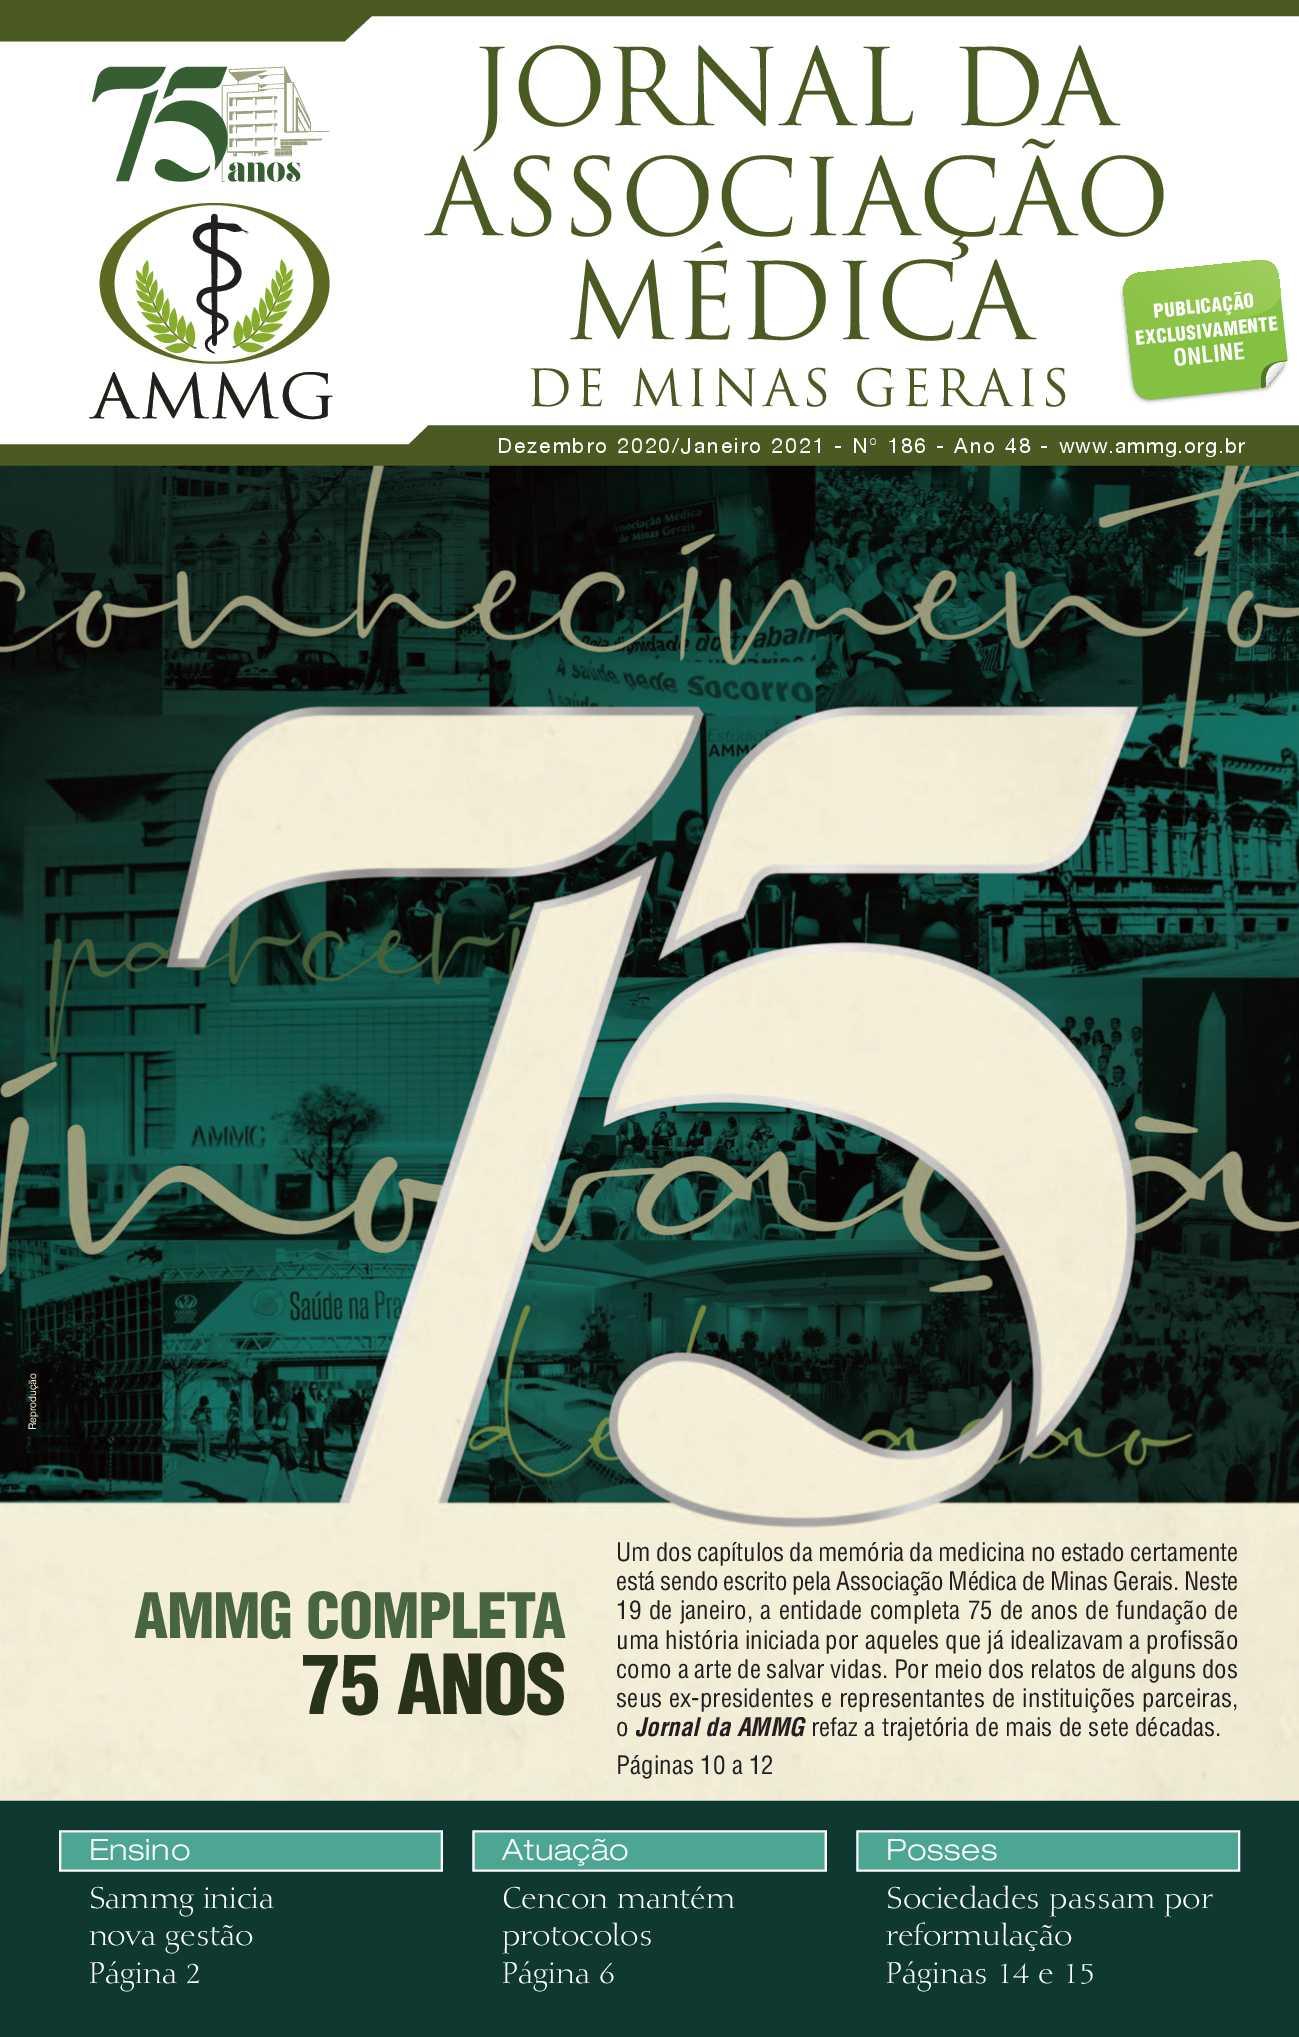 186 - Jornal AMMG - Dezembro 2020/Janeiro 2021